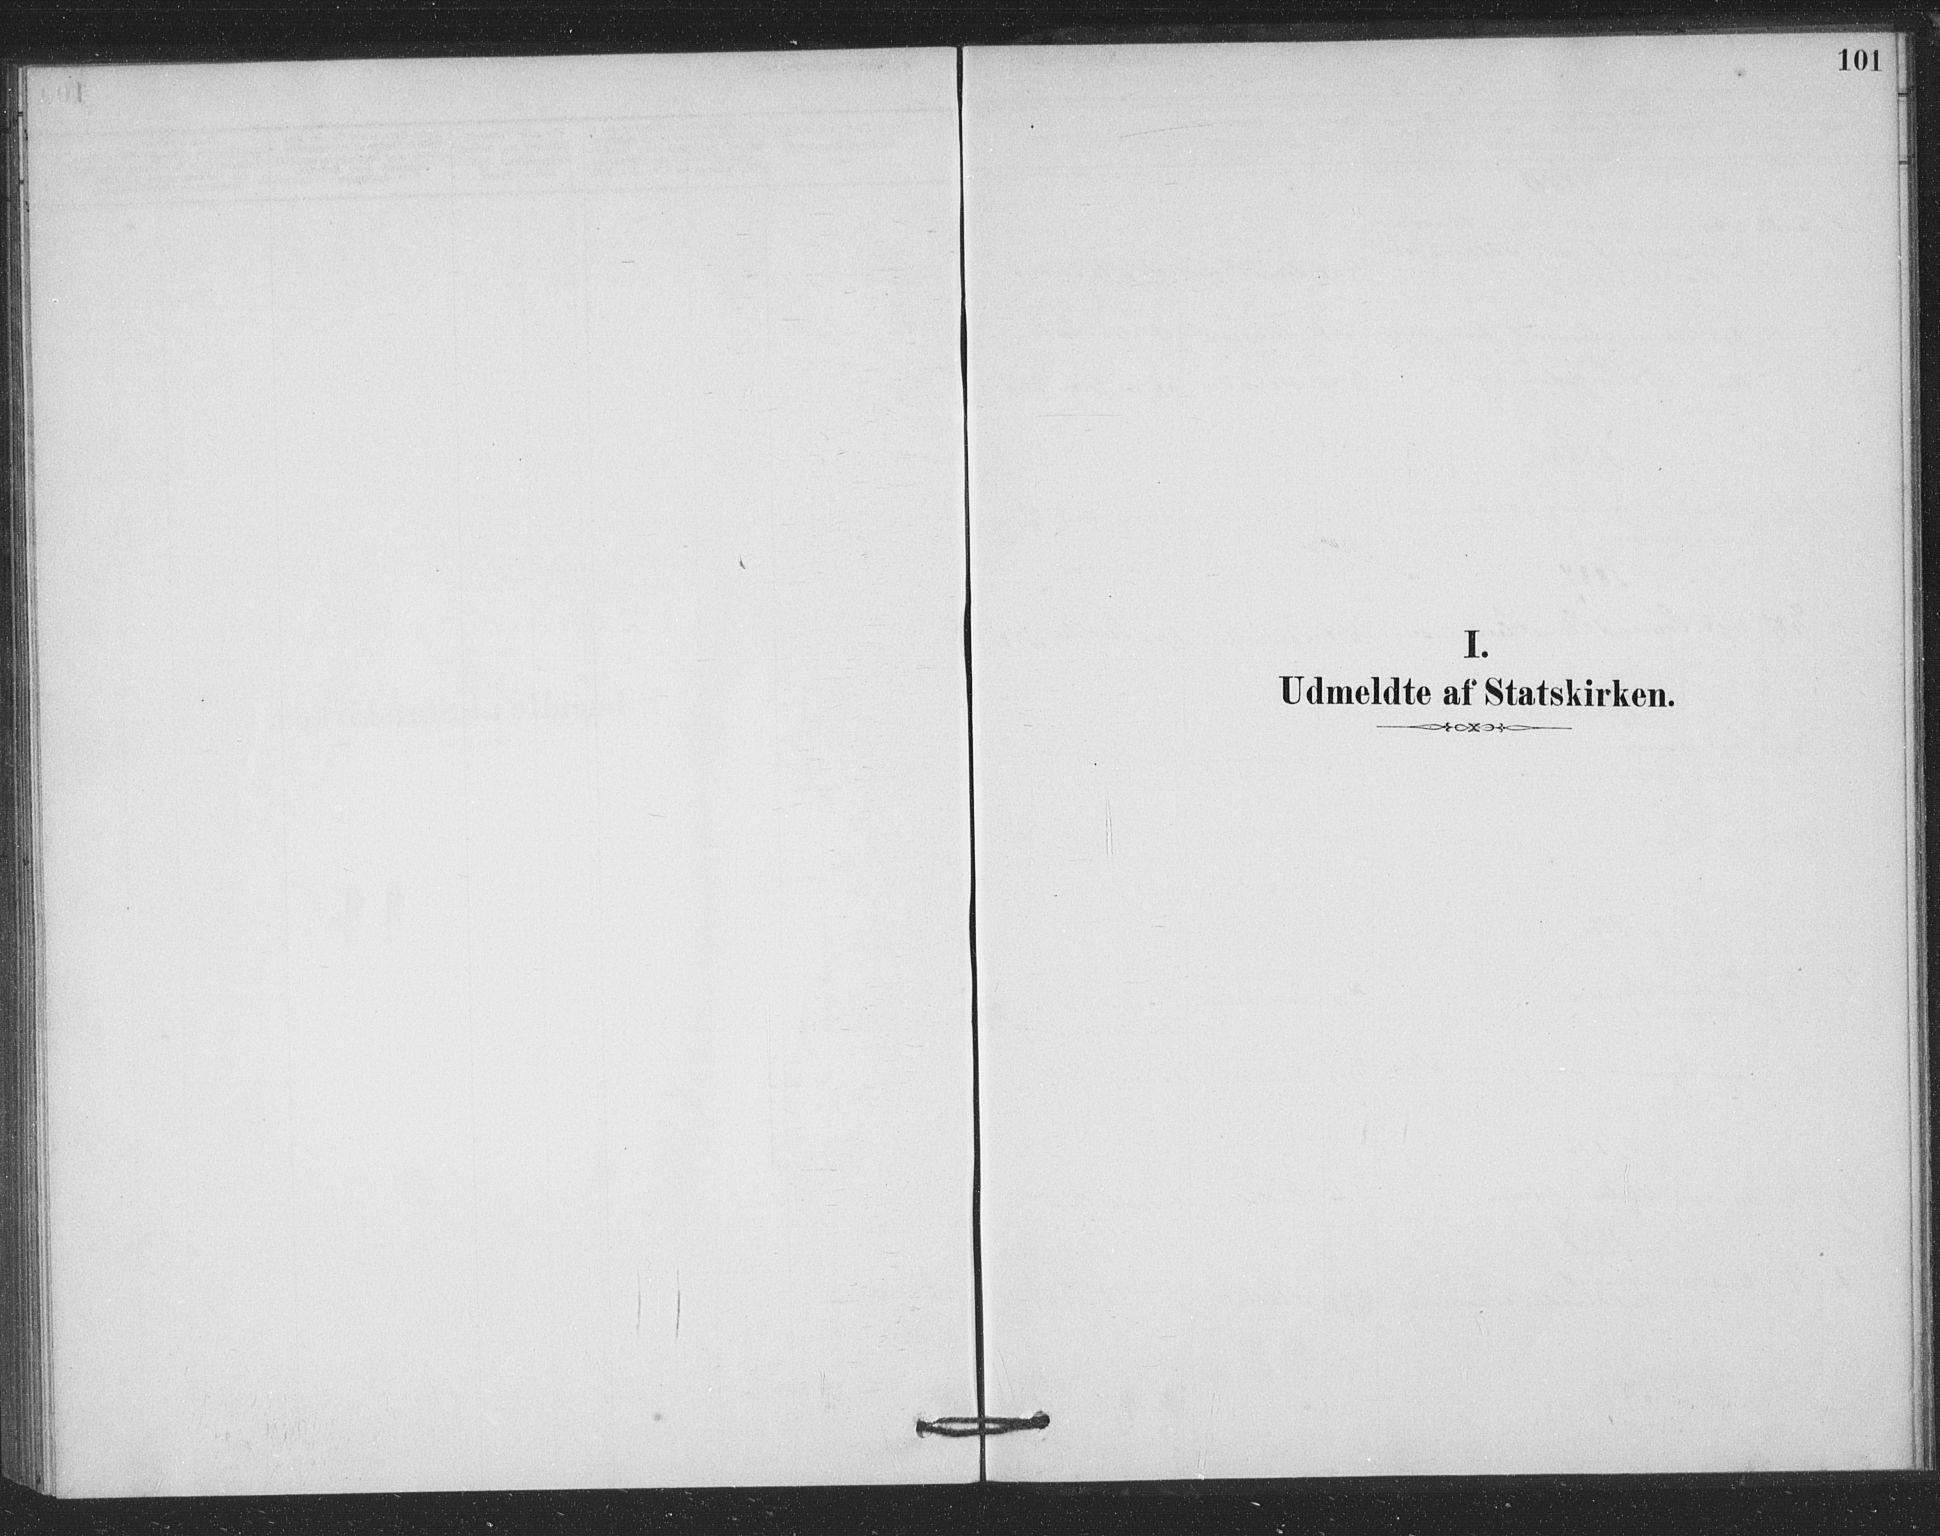 SAKO, Bamble kirkebøker, F/Fb/L0001: Ministerialbok nr. II 1, 1878-1899, s. 101